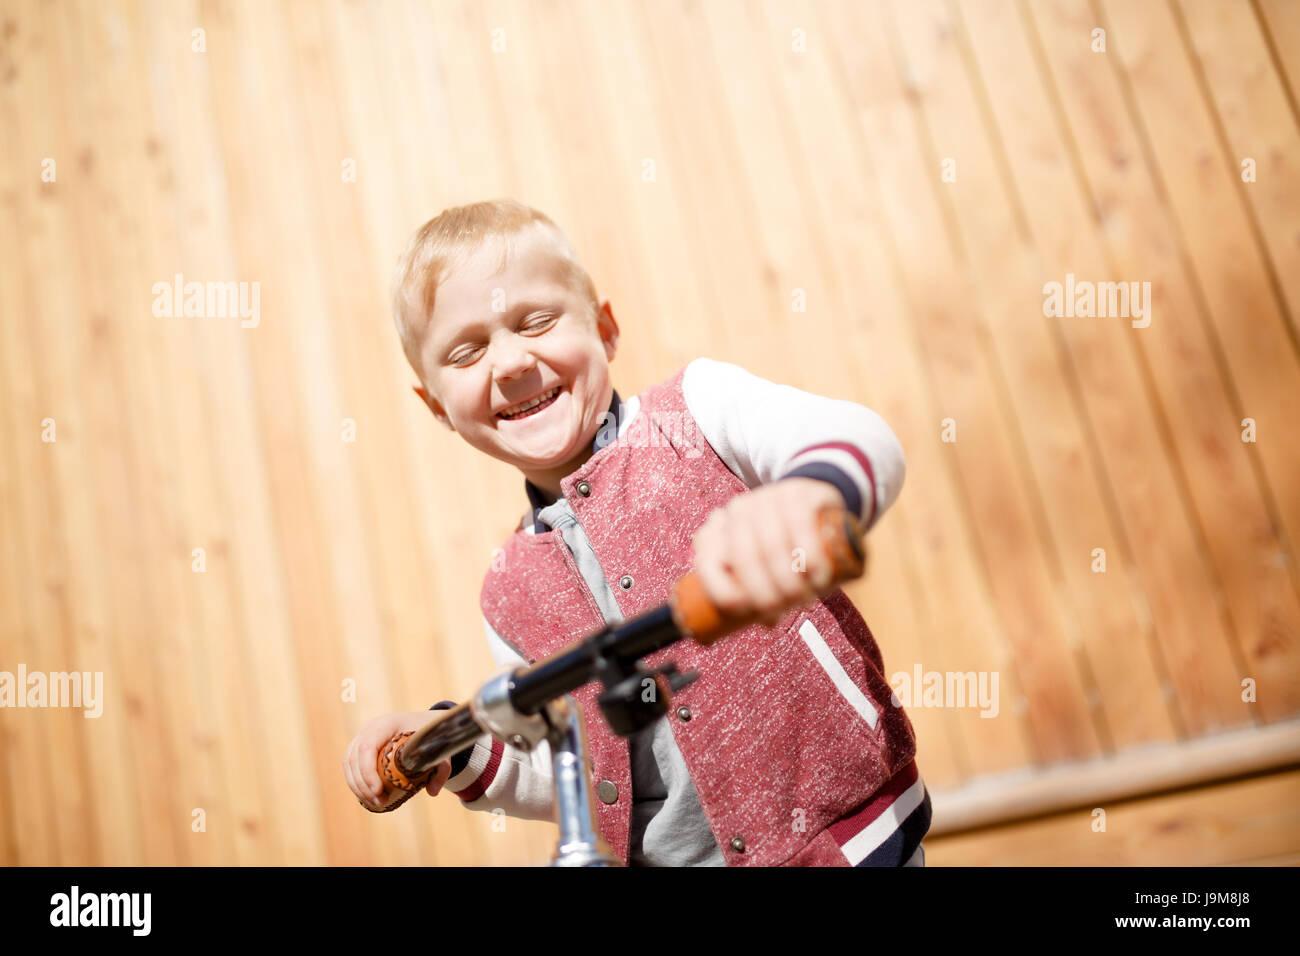 Bild eines jungen mit Zyklus Stockbild